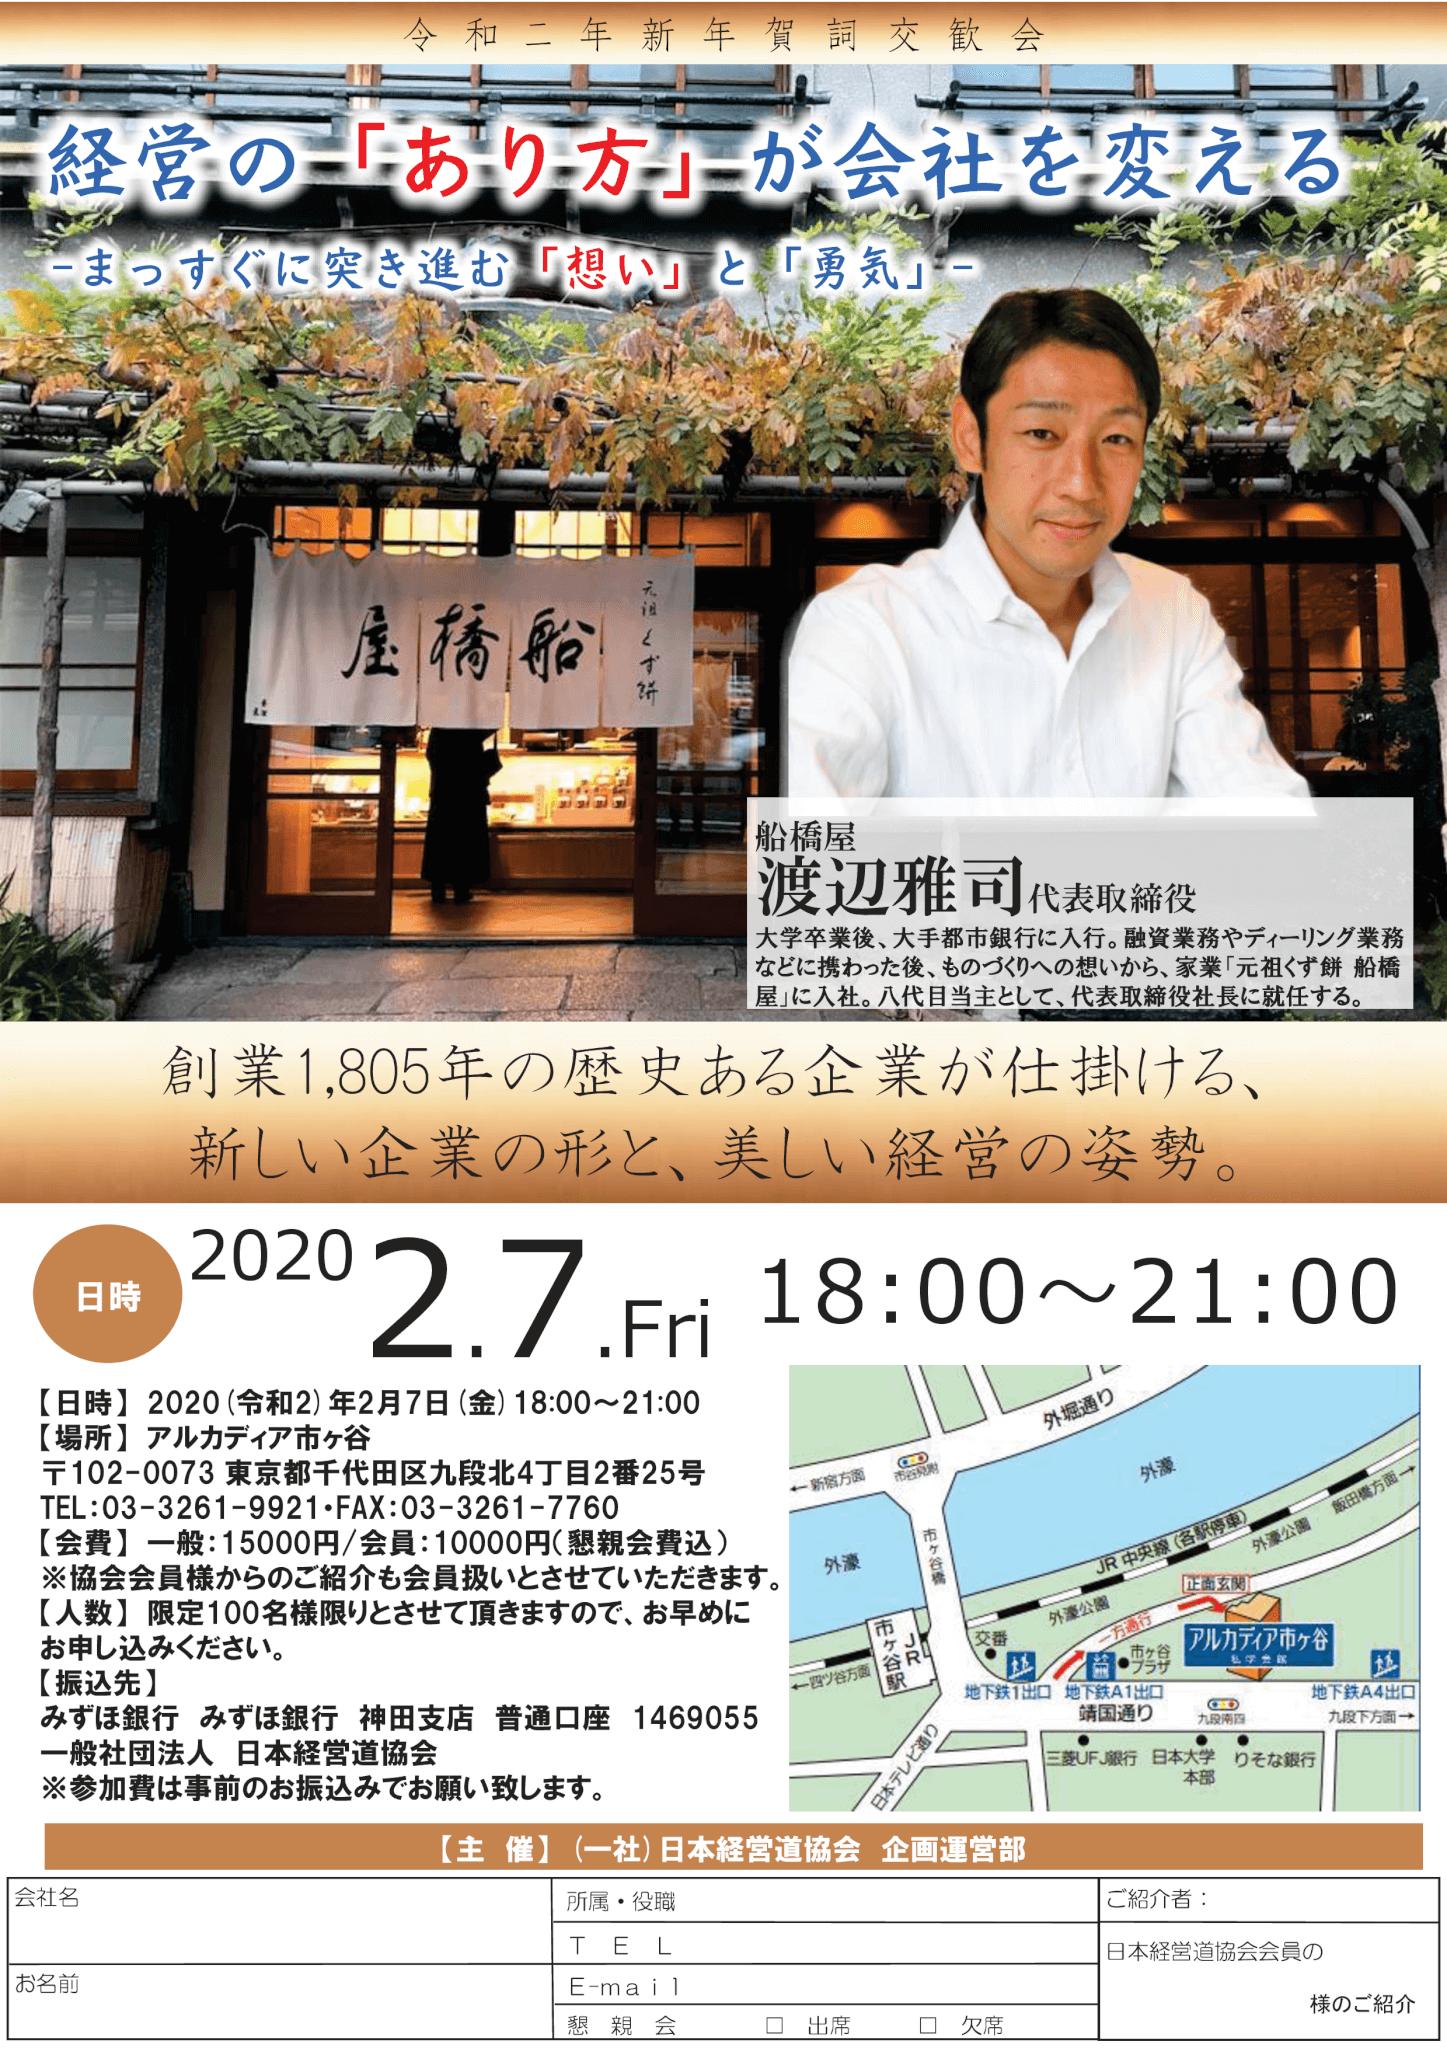 2/7 18:00~令和二年新年賀詞交歓会 船橋屋 社長 渡辺 雅司氏 ご講演